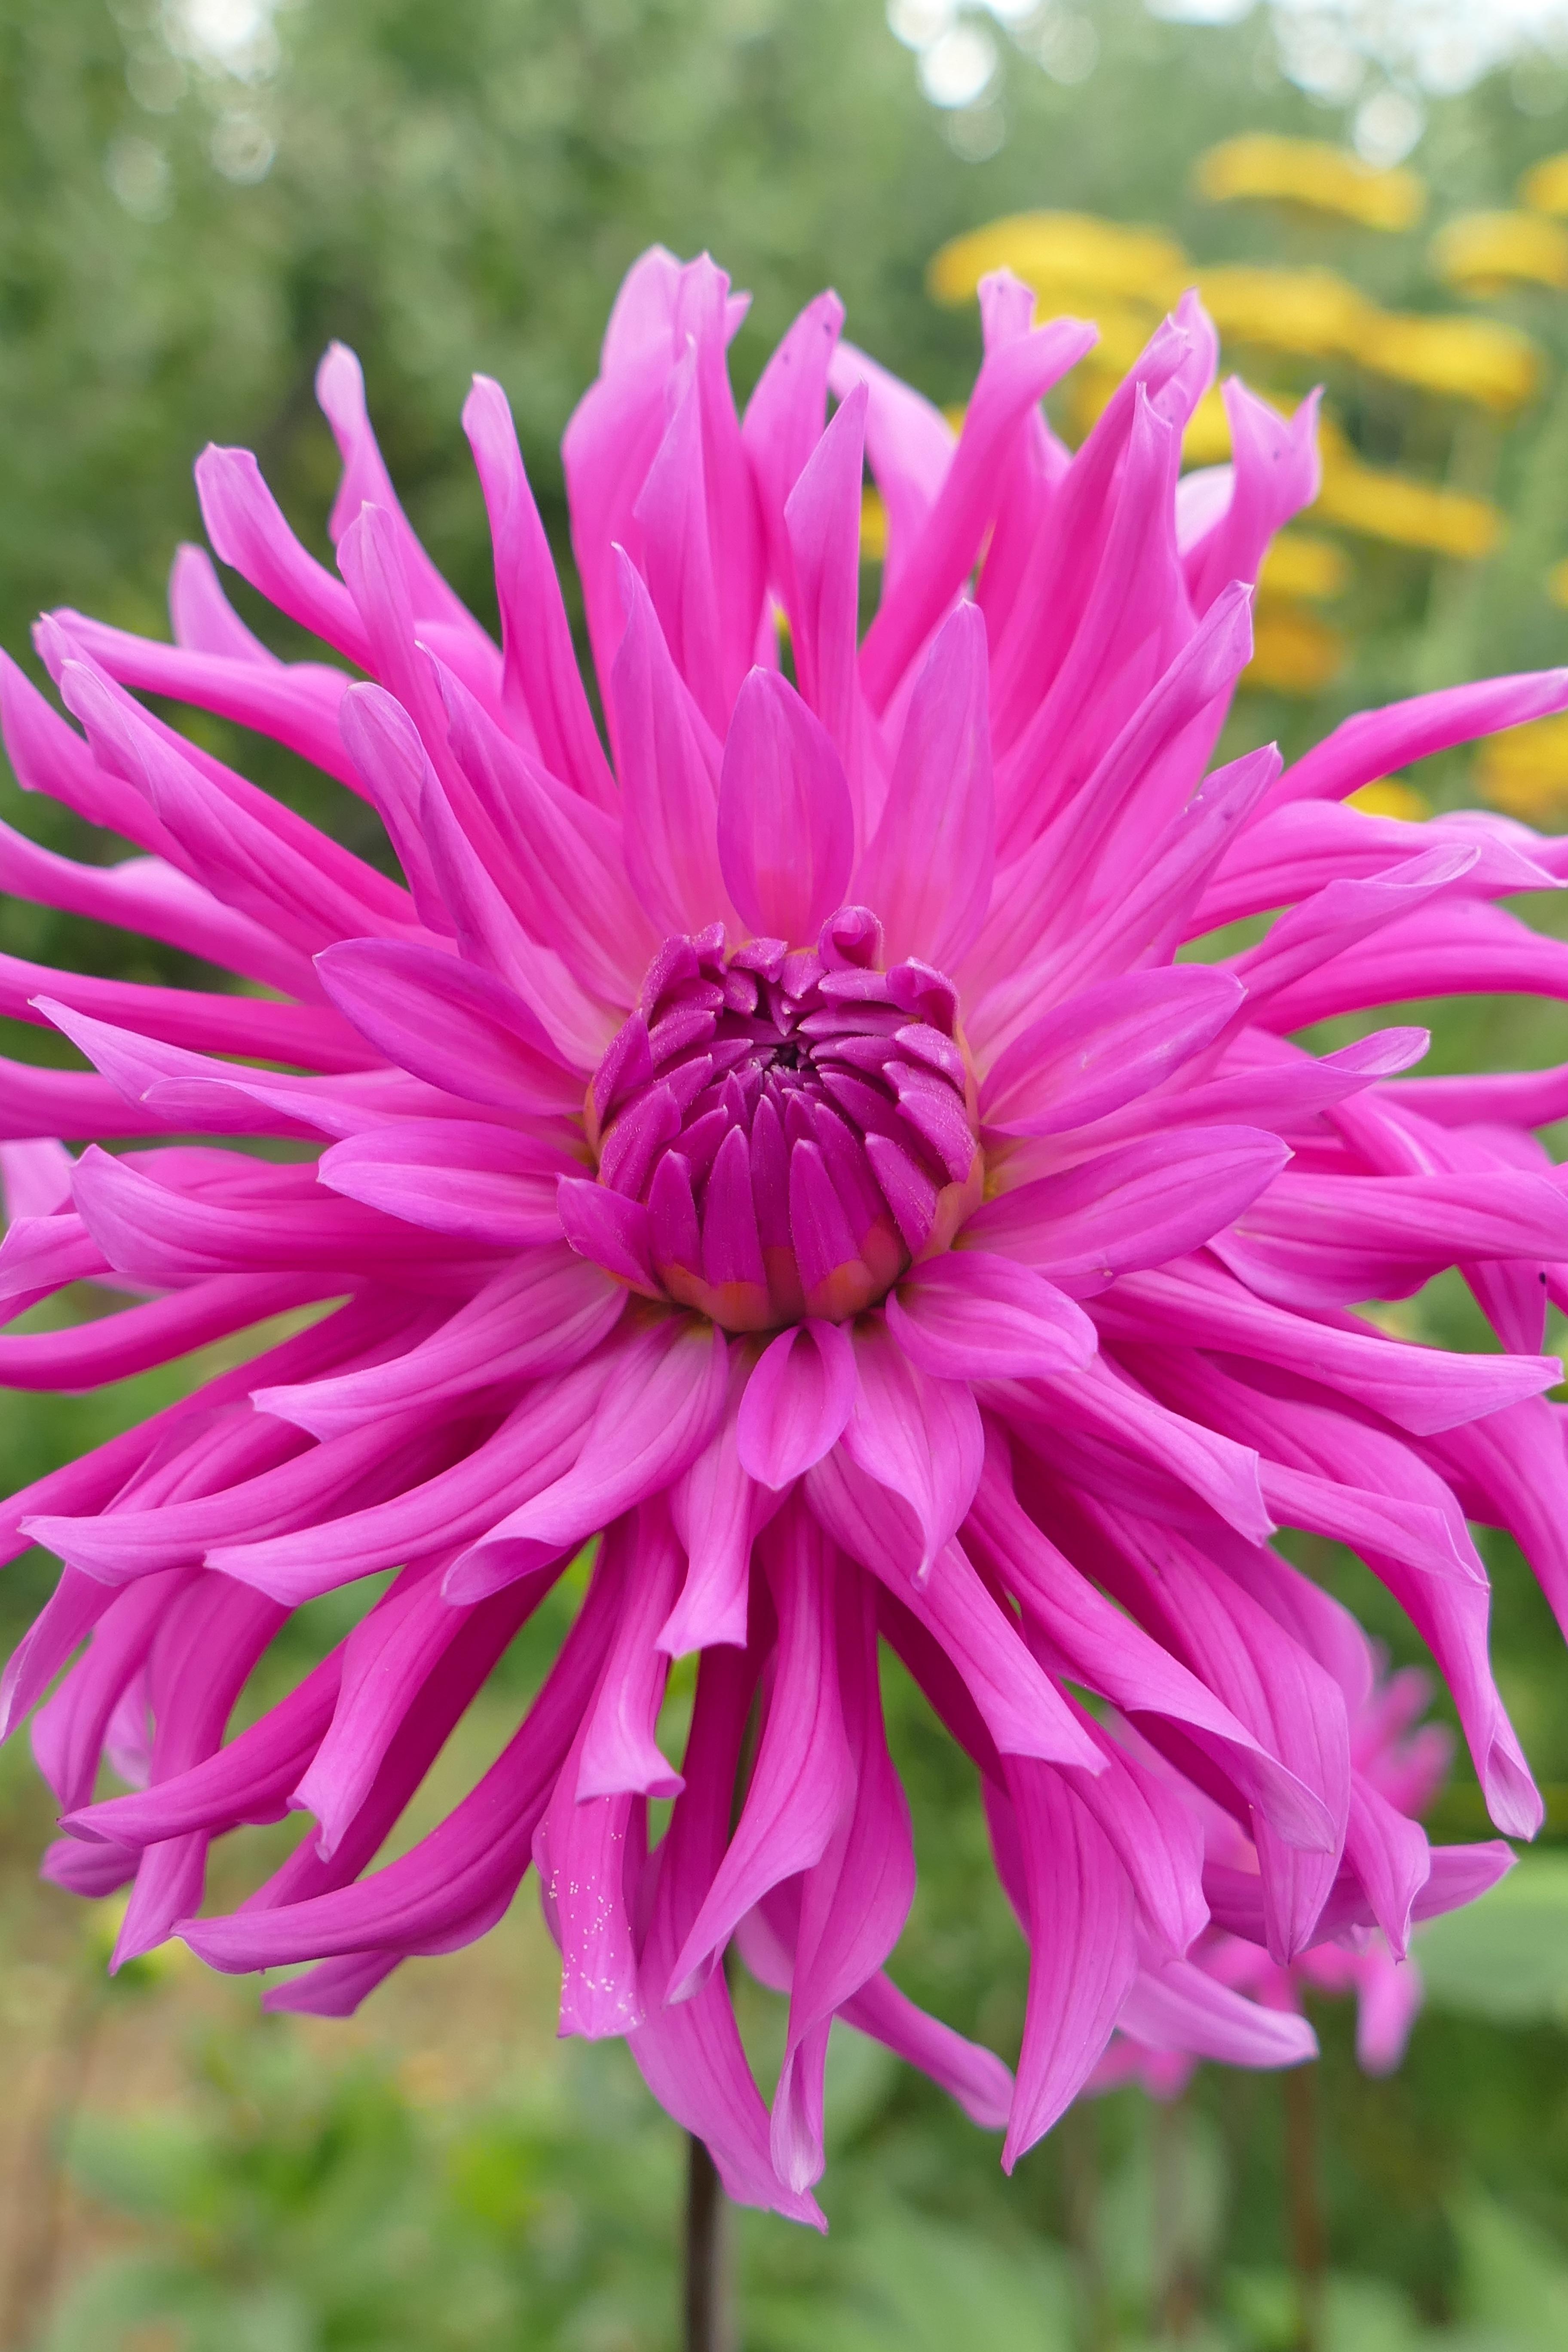 Free Images Nature Blossom Petal Bloom Botany Pink Flora